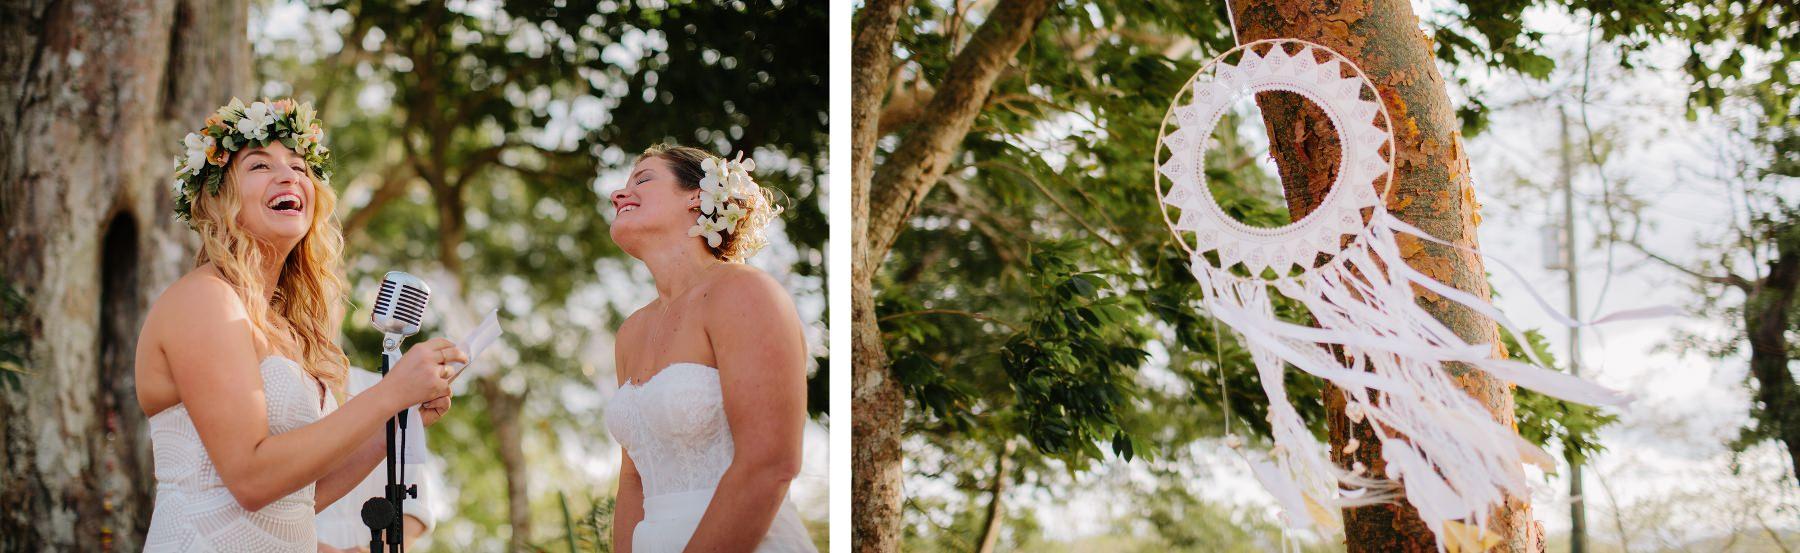 Boho Same-sex wedding photography Tropical destination wedding Costa Rica